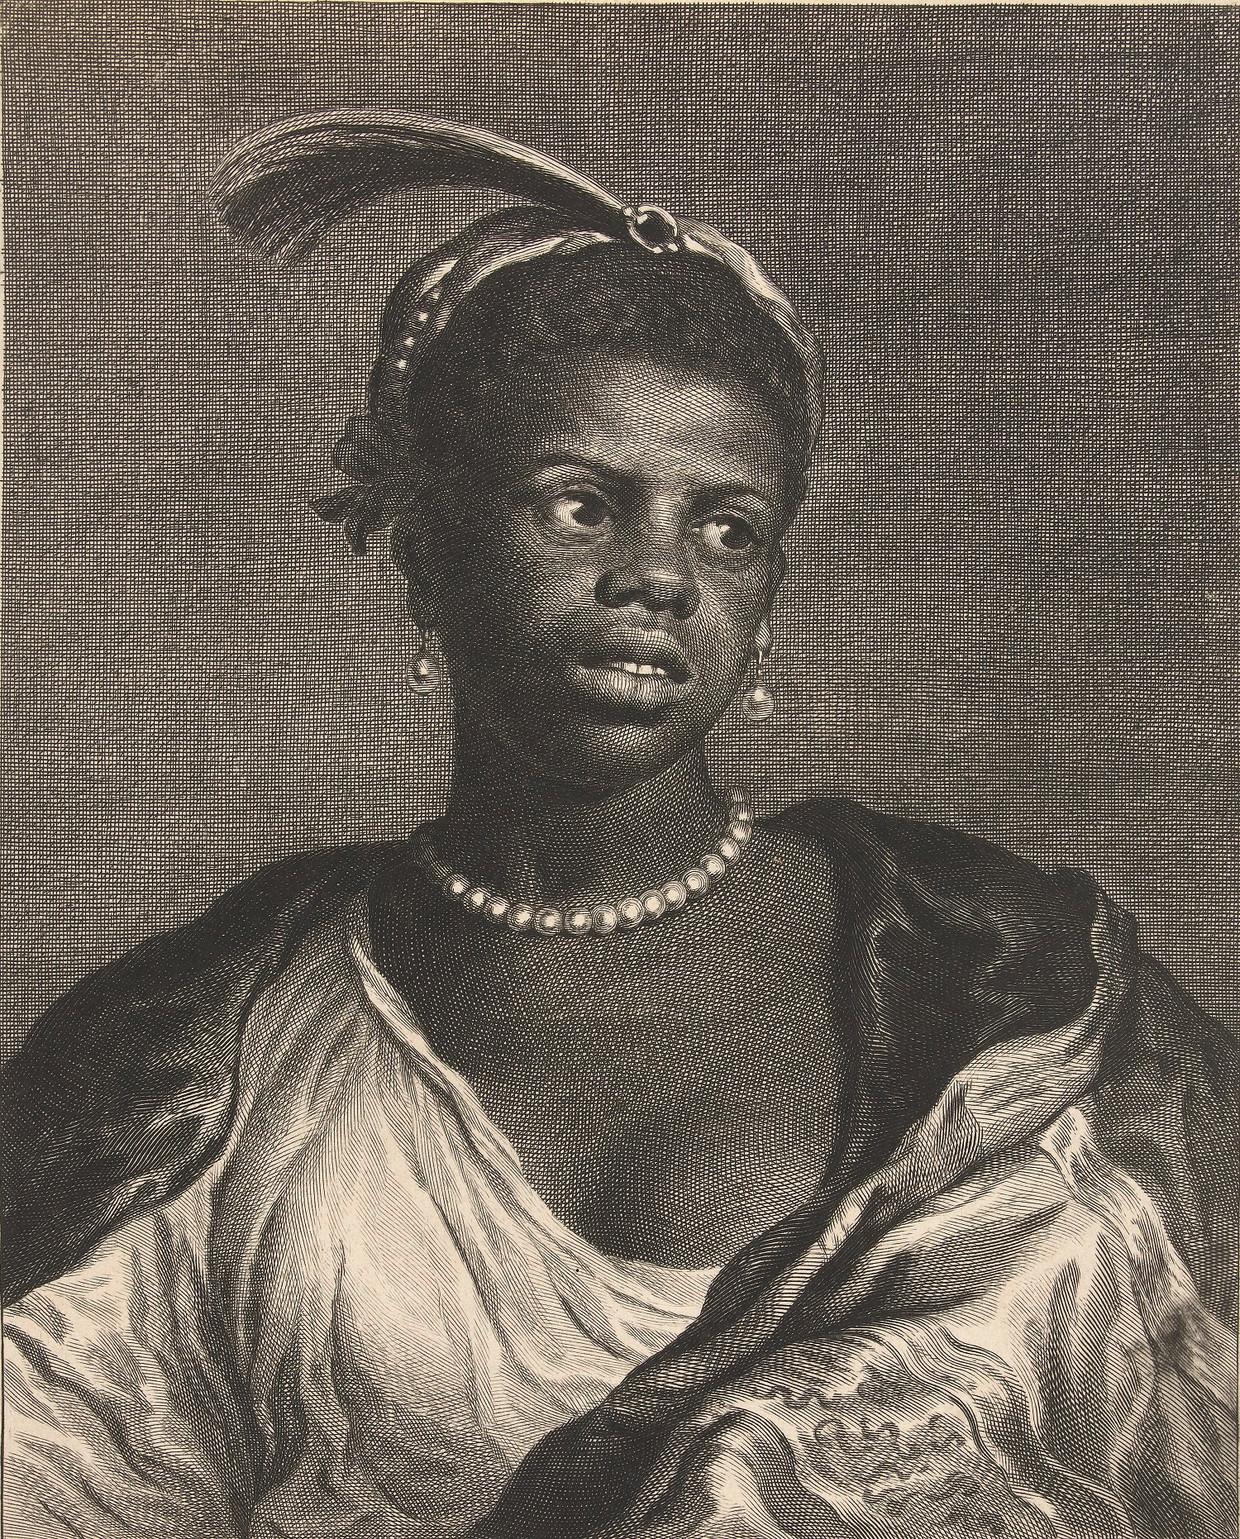 Cornelis van Dalen II (naar Govert Flinck), Tronie van een vrouw met parelketting, ca. 1660. Amsterdam, Rijksmuseum. Beeld Rijksmuseum